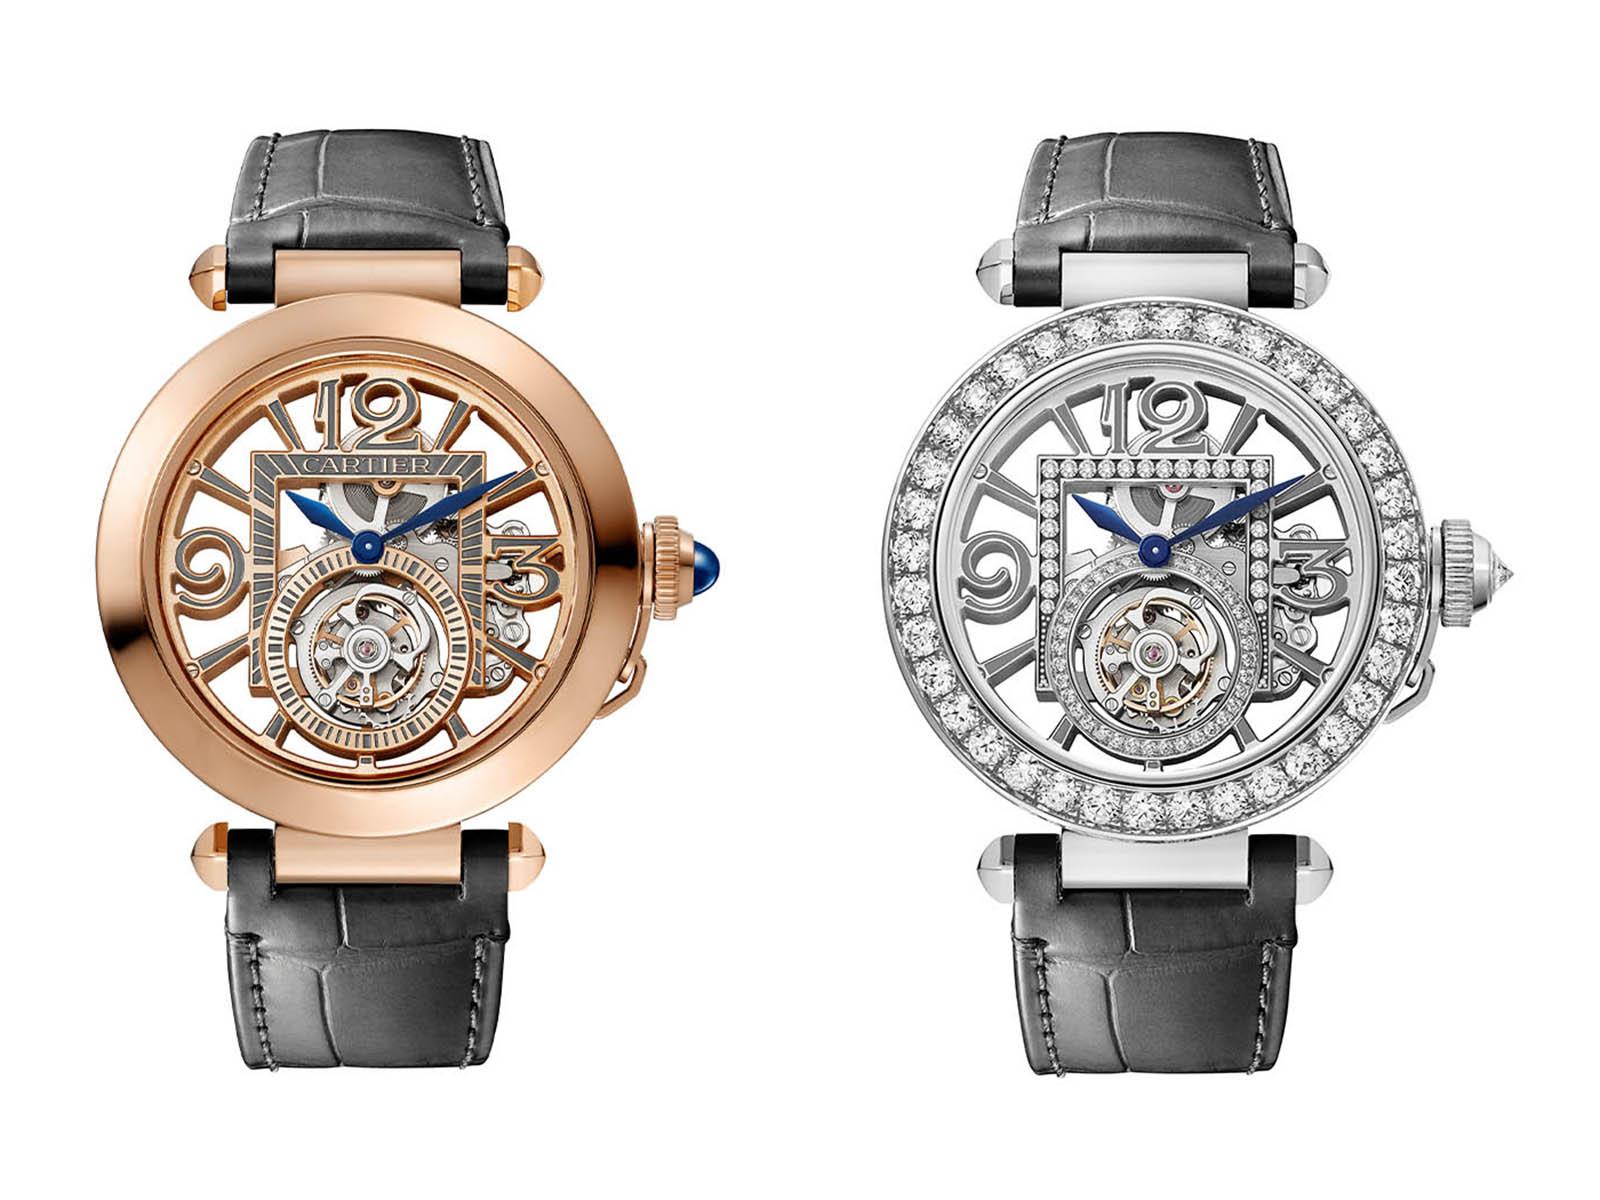 pasha-de-cartier-watches-wonders-2020-novelties-5.jpg